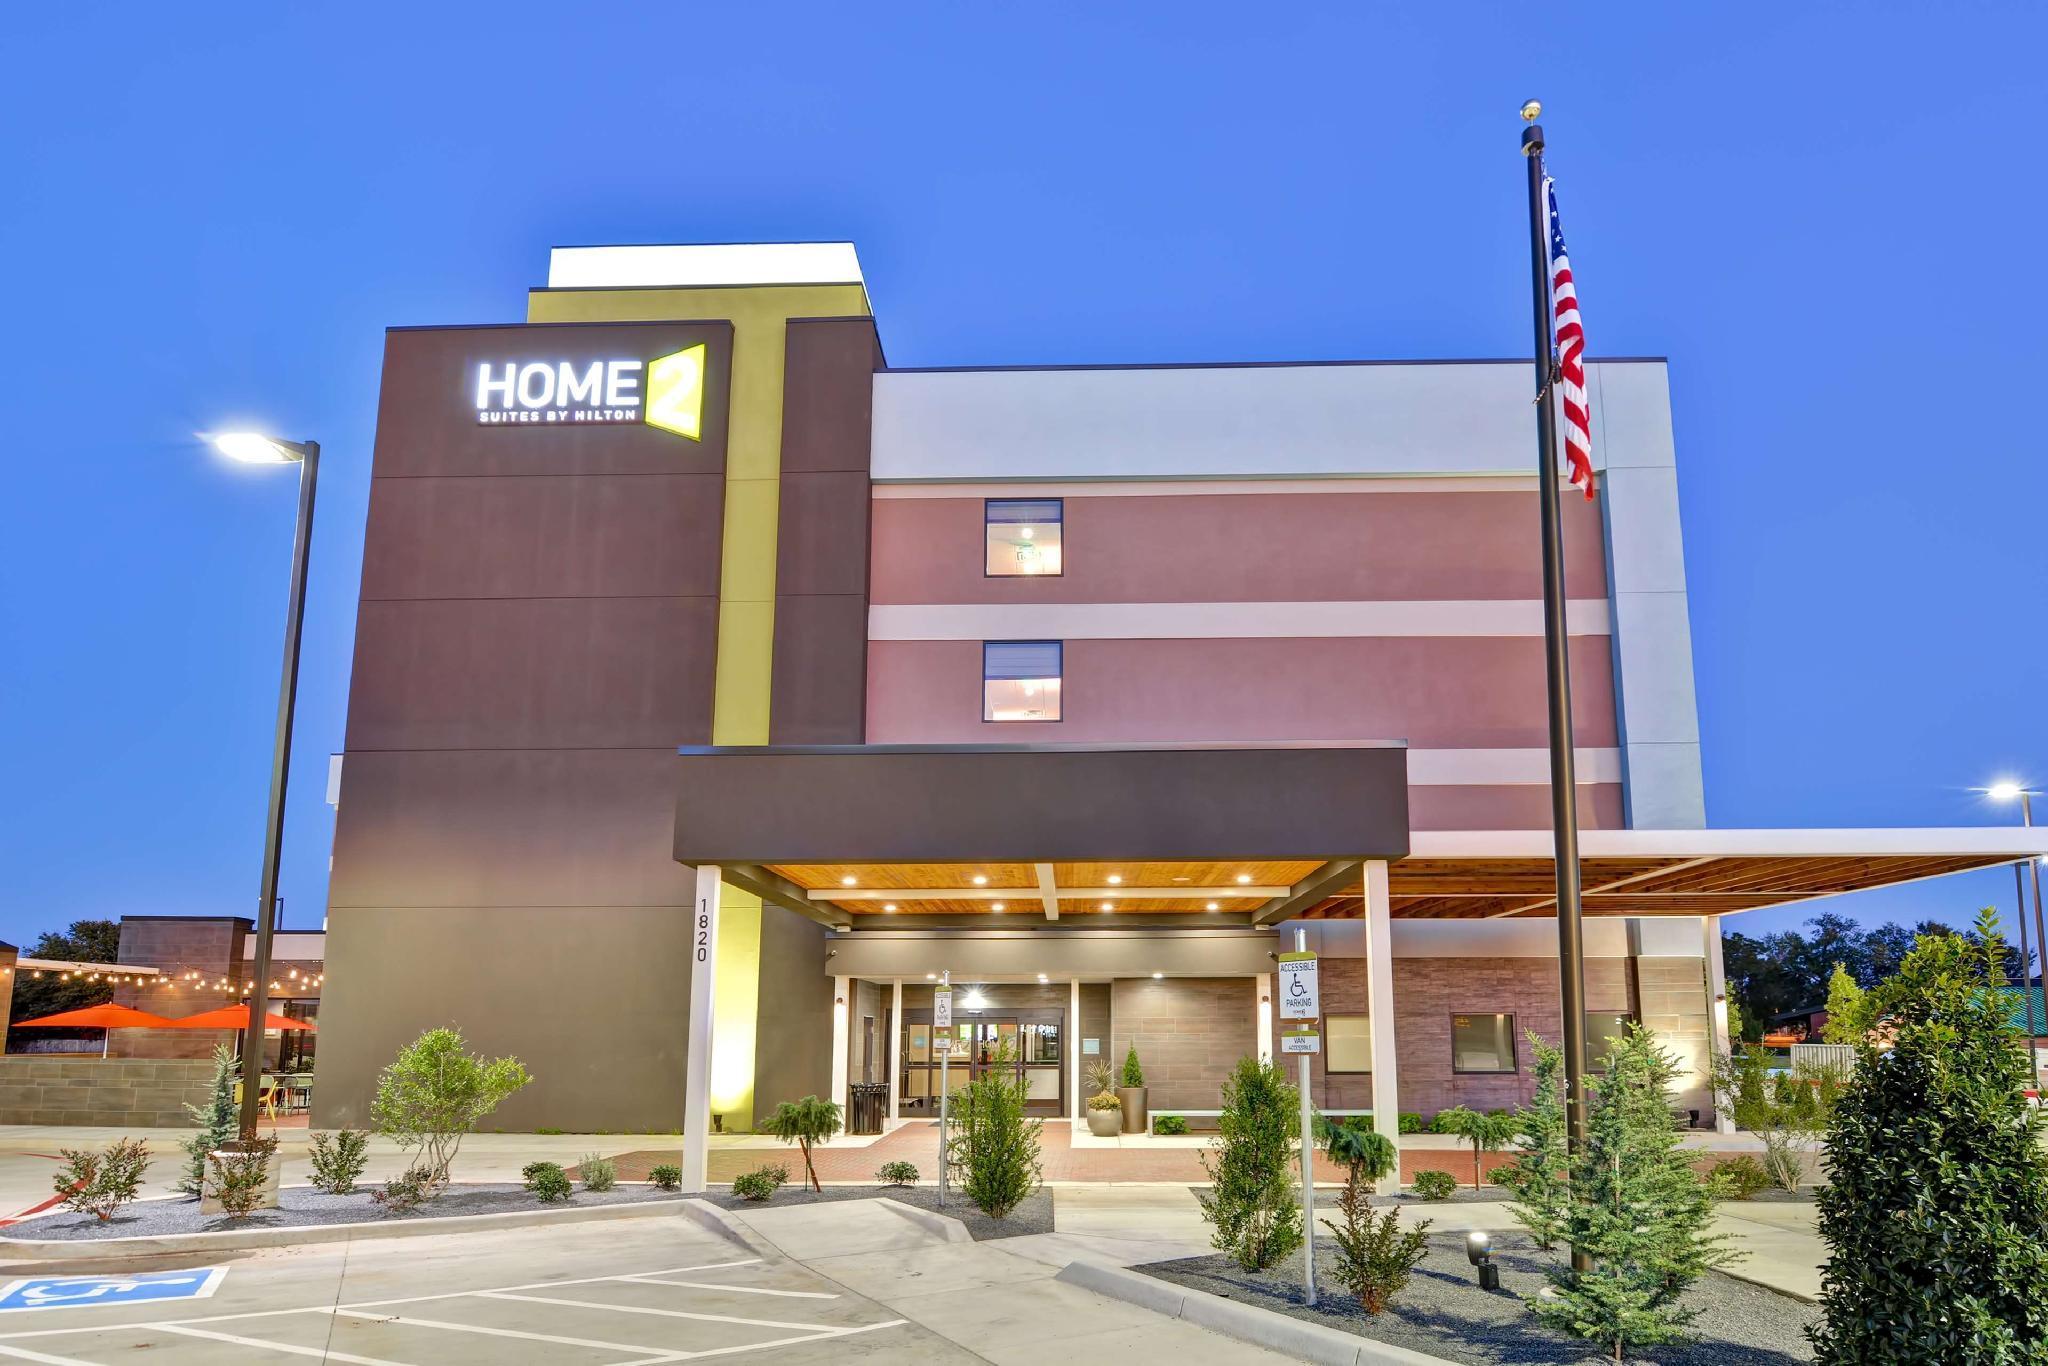 Home2 SuitesBy HiltonOkc MidwestCity Tinker